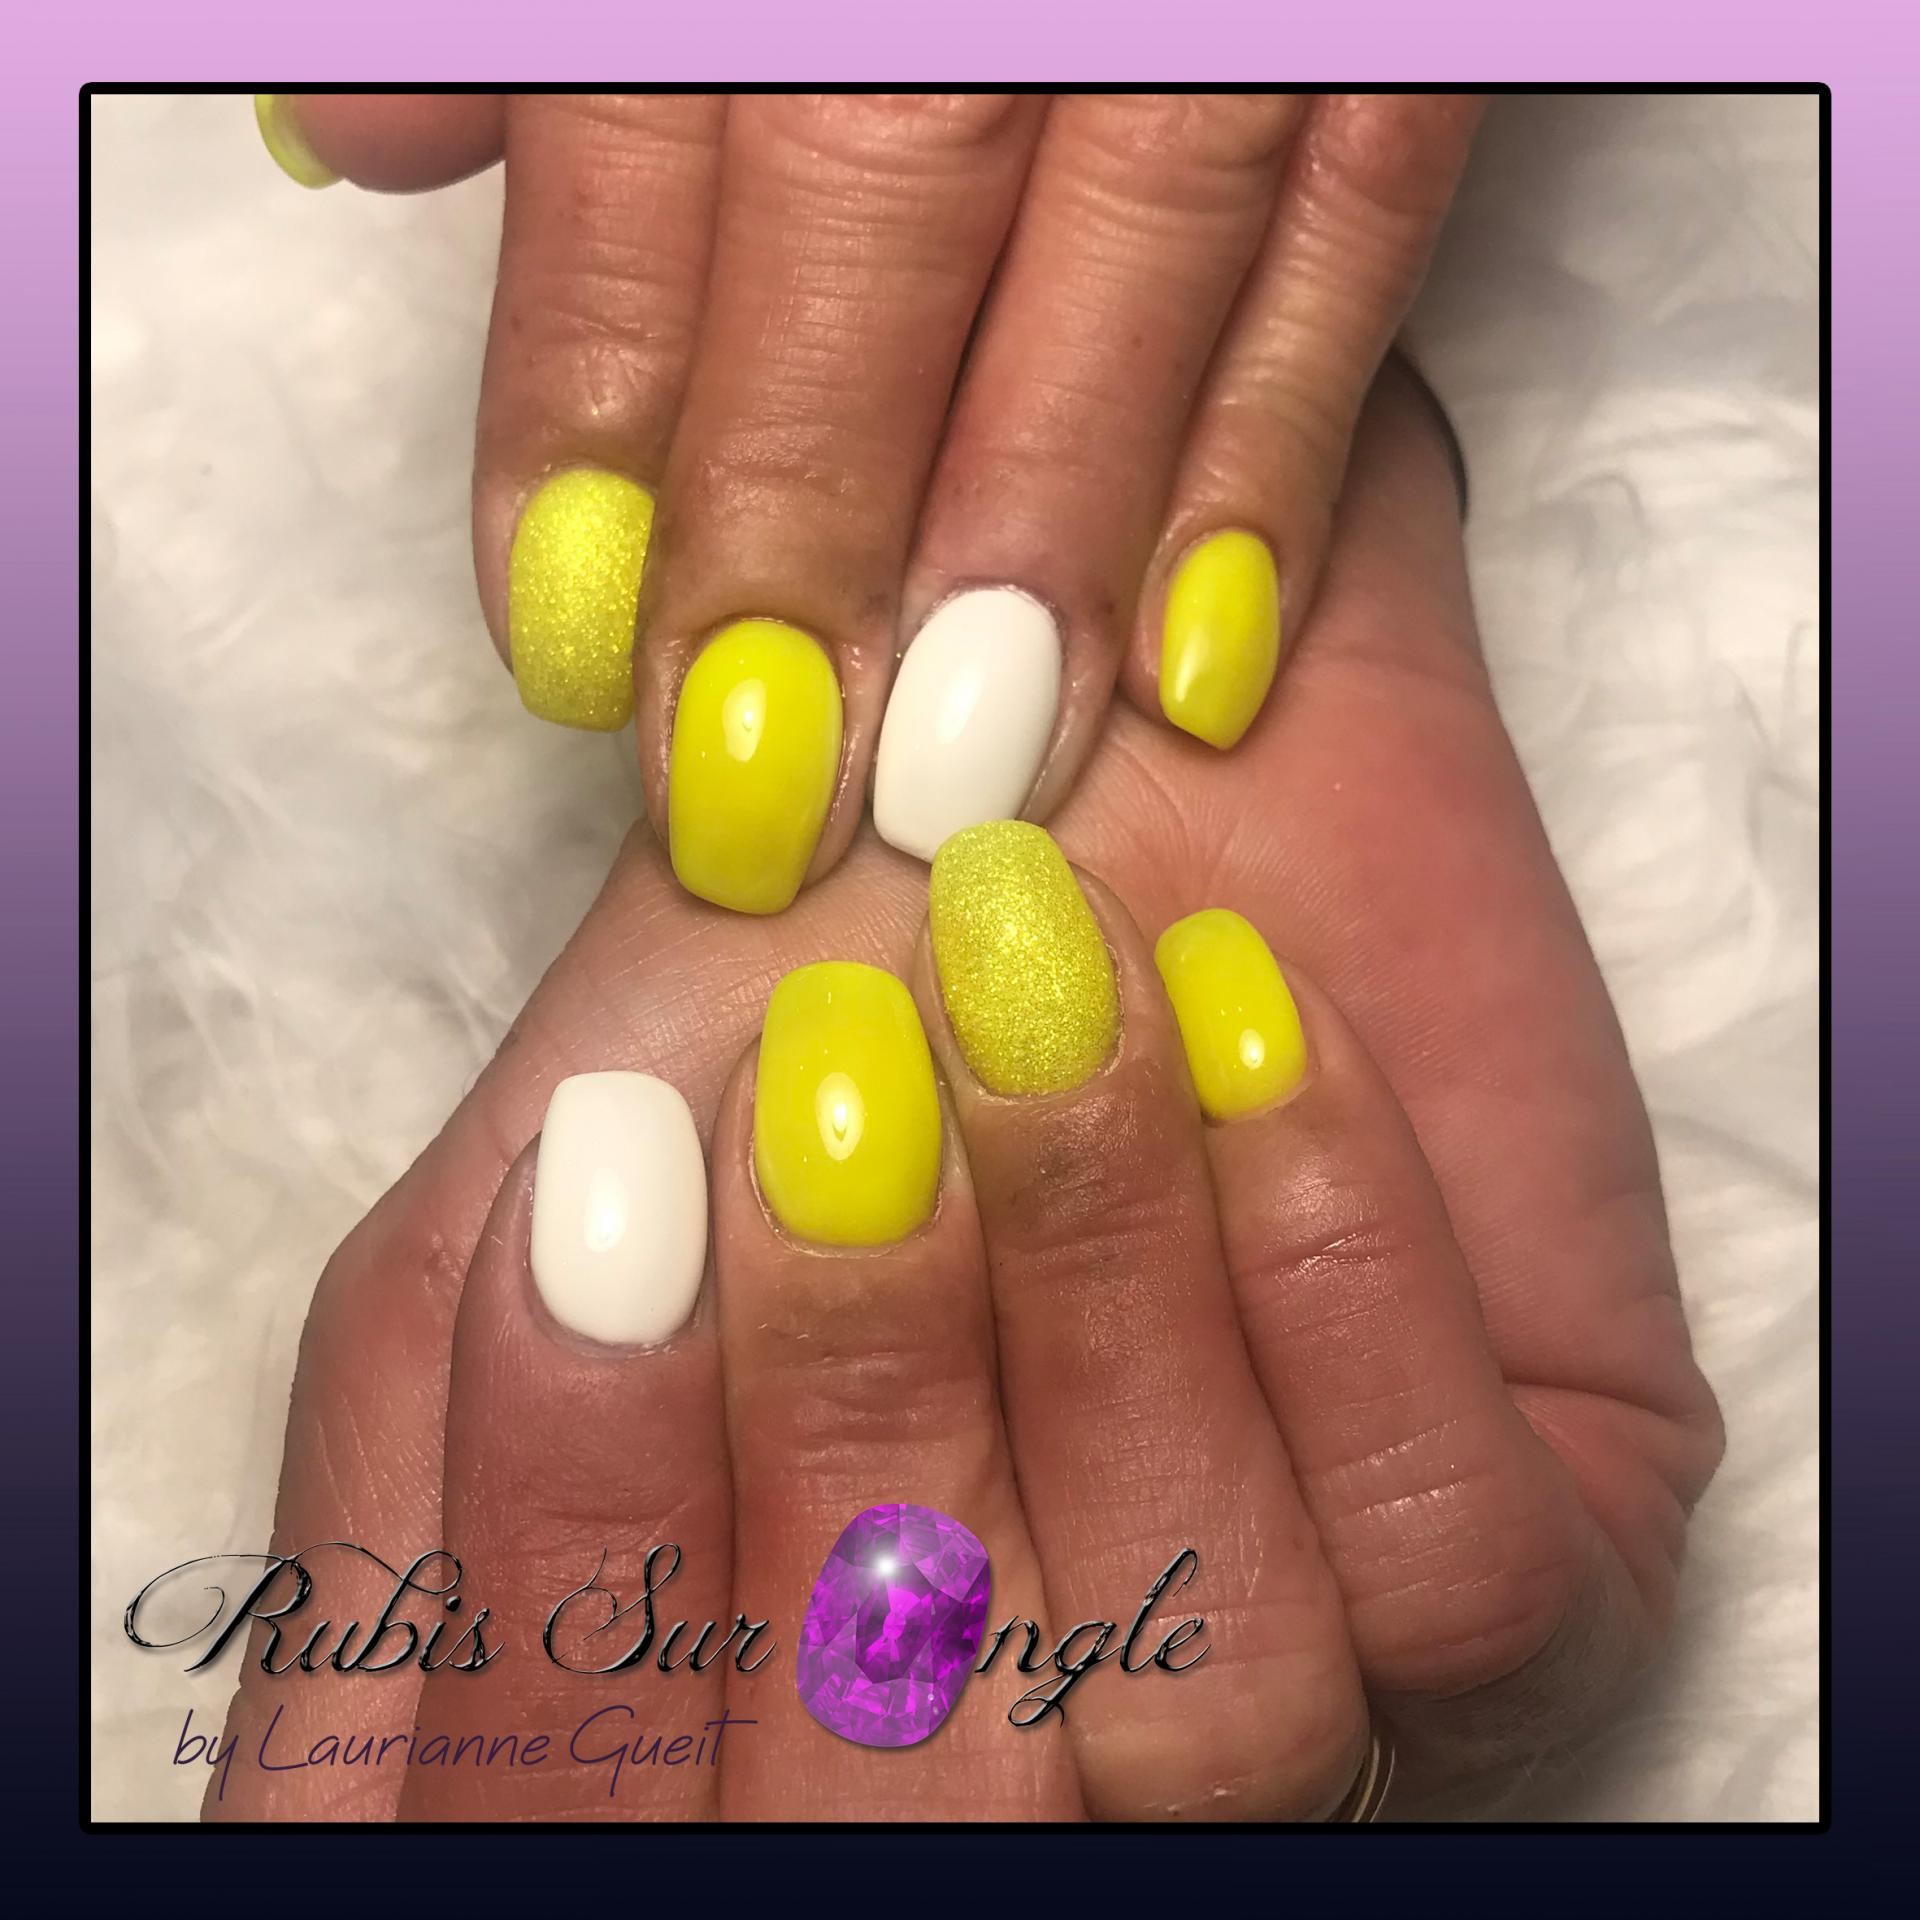 Rubis-Sur-Ongle-Nail-Art-Jaune-Blanc